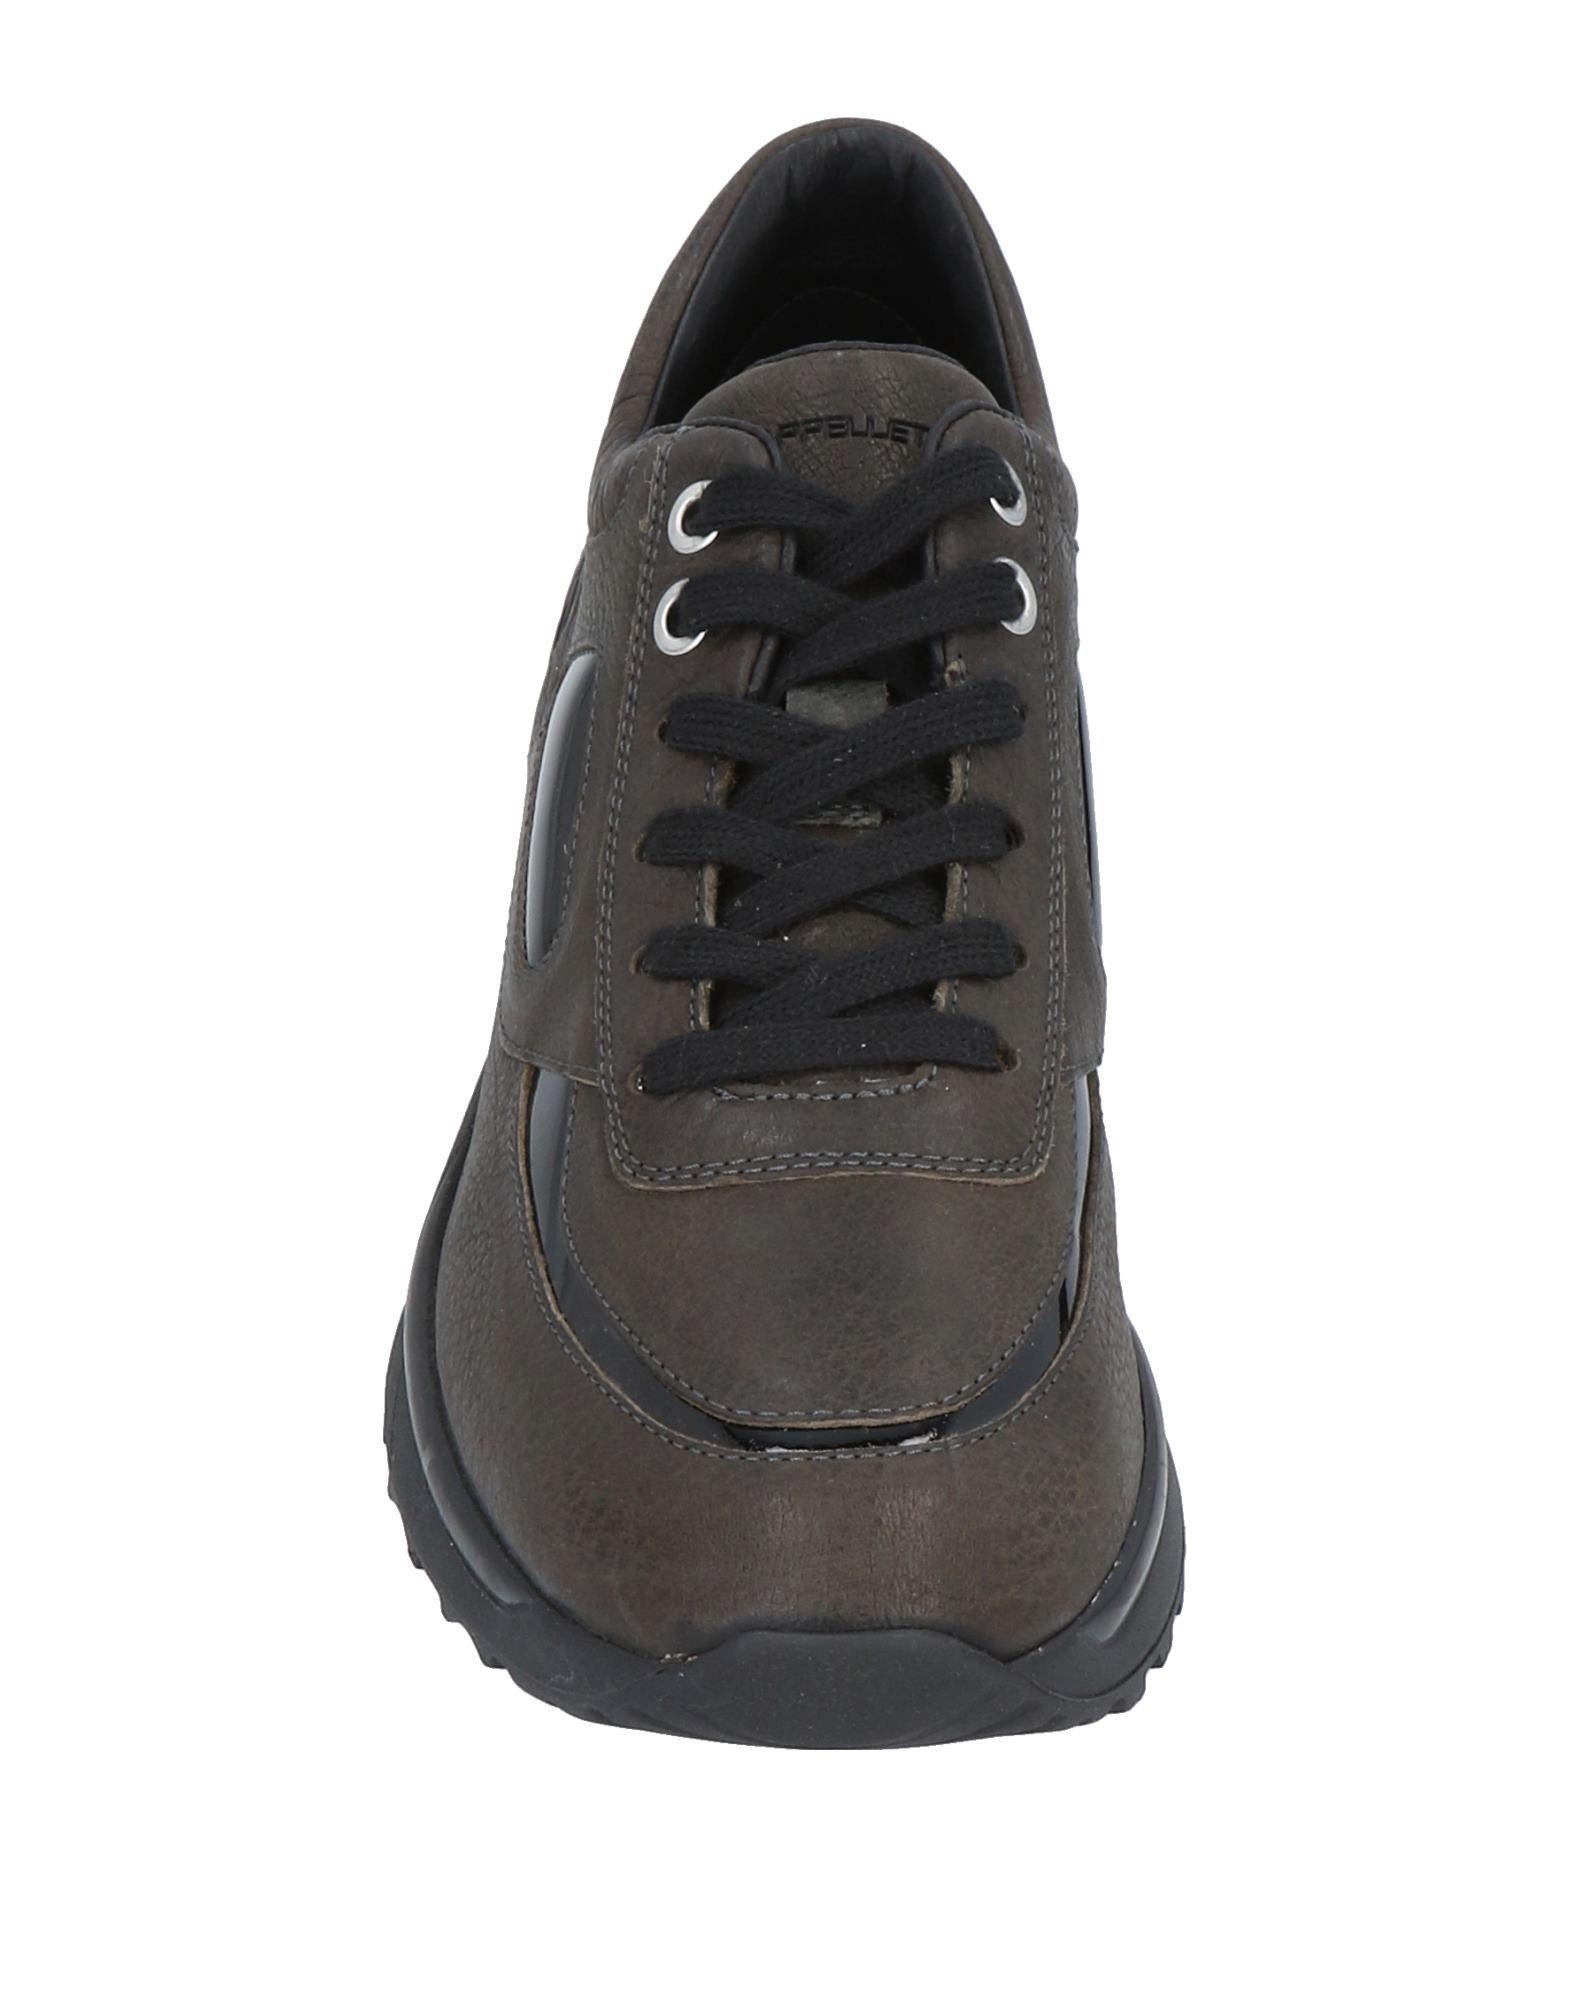 Cappelletti Gute Sneakers Damen  11494473JX Gute Cappelletti Qualität beliebte Schuhe 18709d